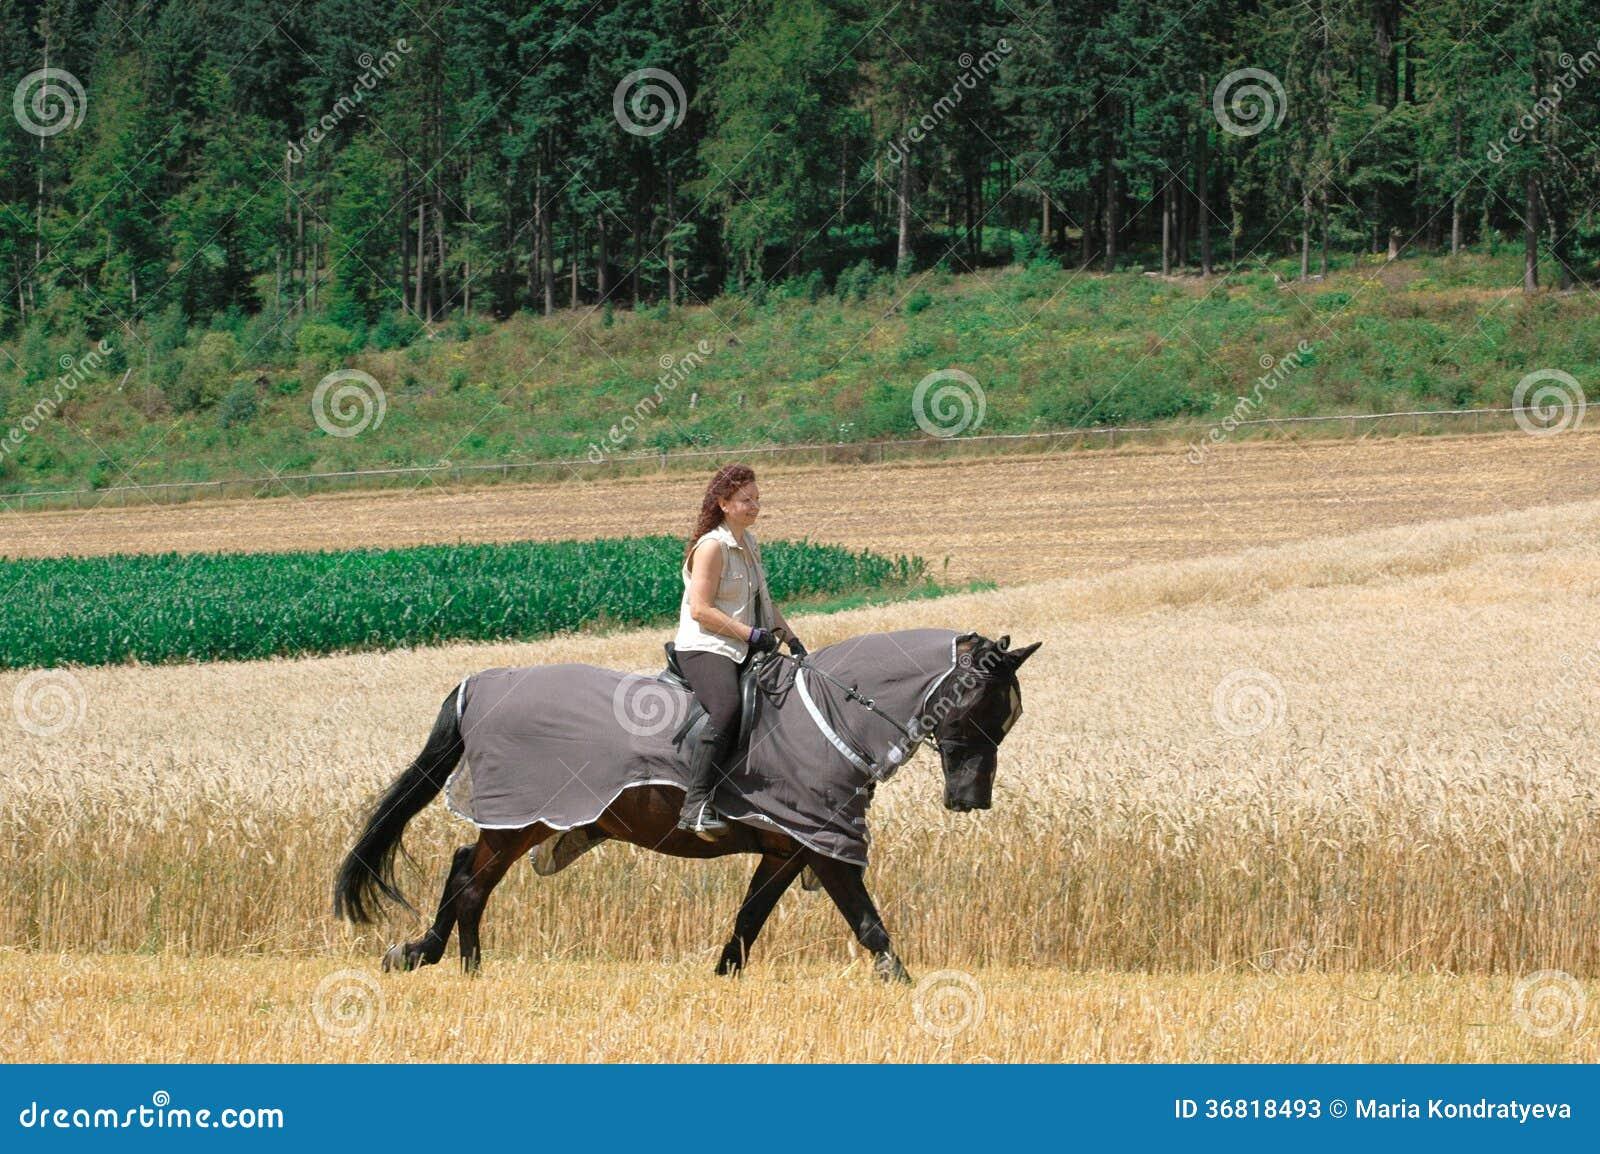 Προστασία ενάντια στα έντομα για τα άλογα.